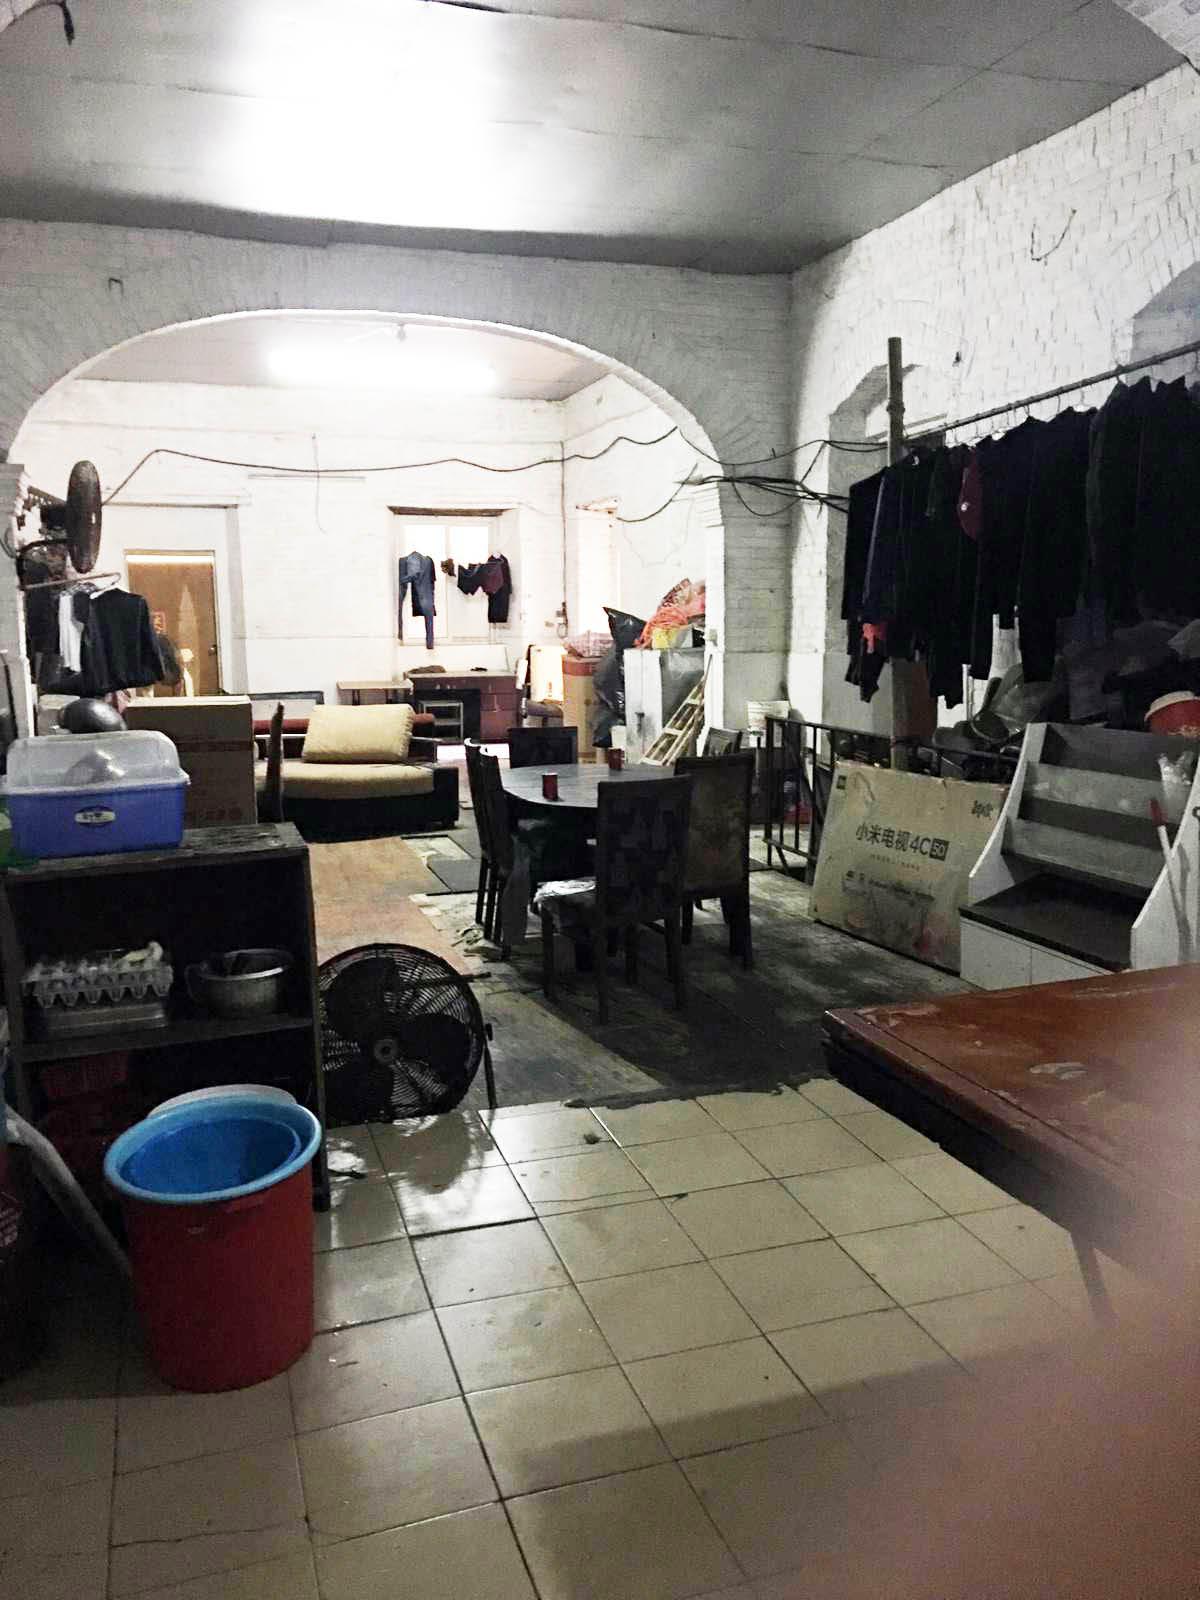 青洲山修道院管理公司安排員工入住修道院,未發現逾期逗留或偷渡。.jpg